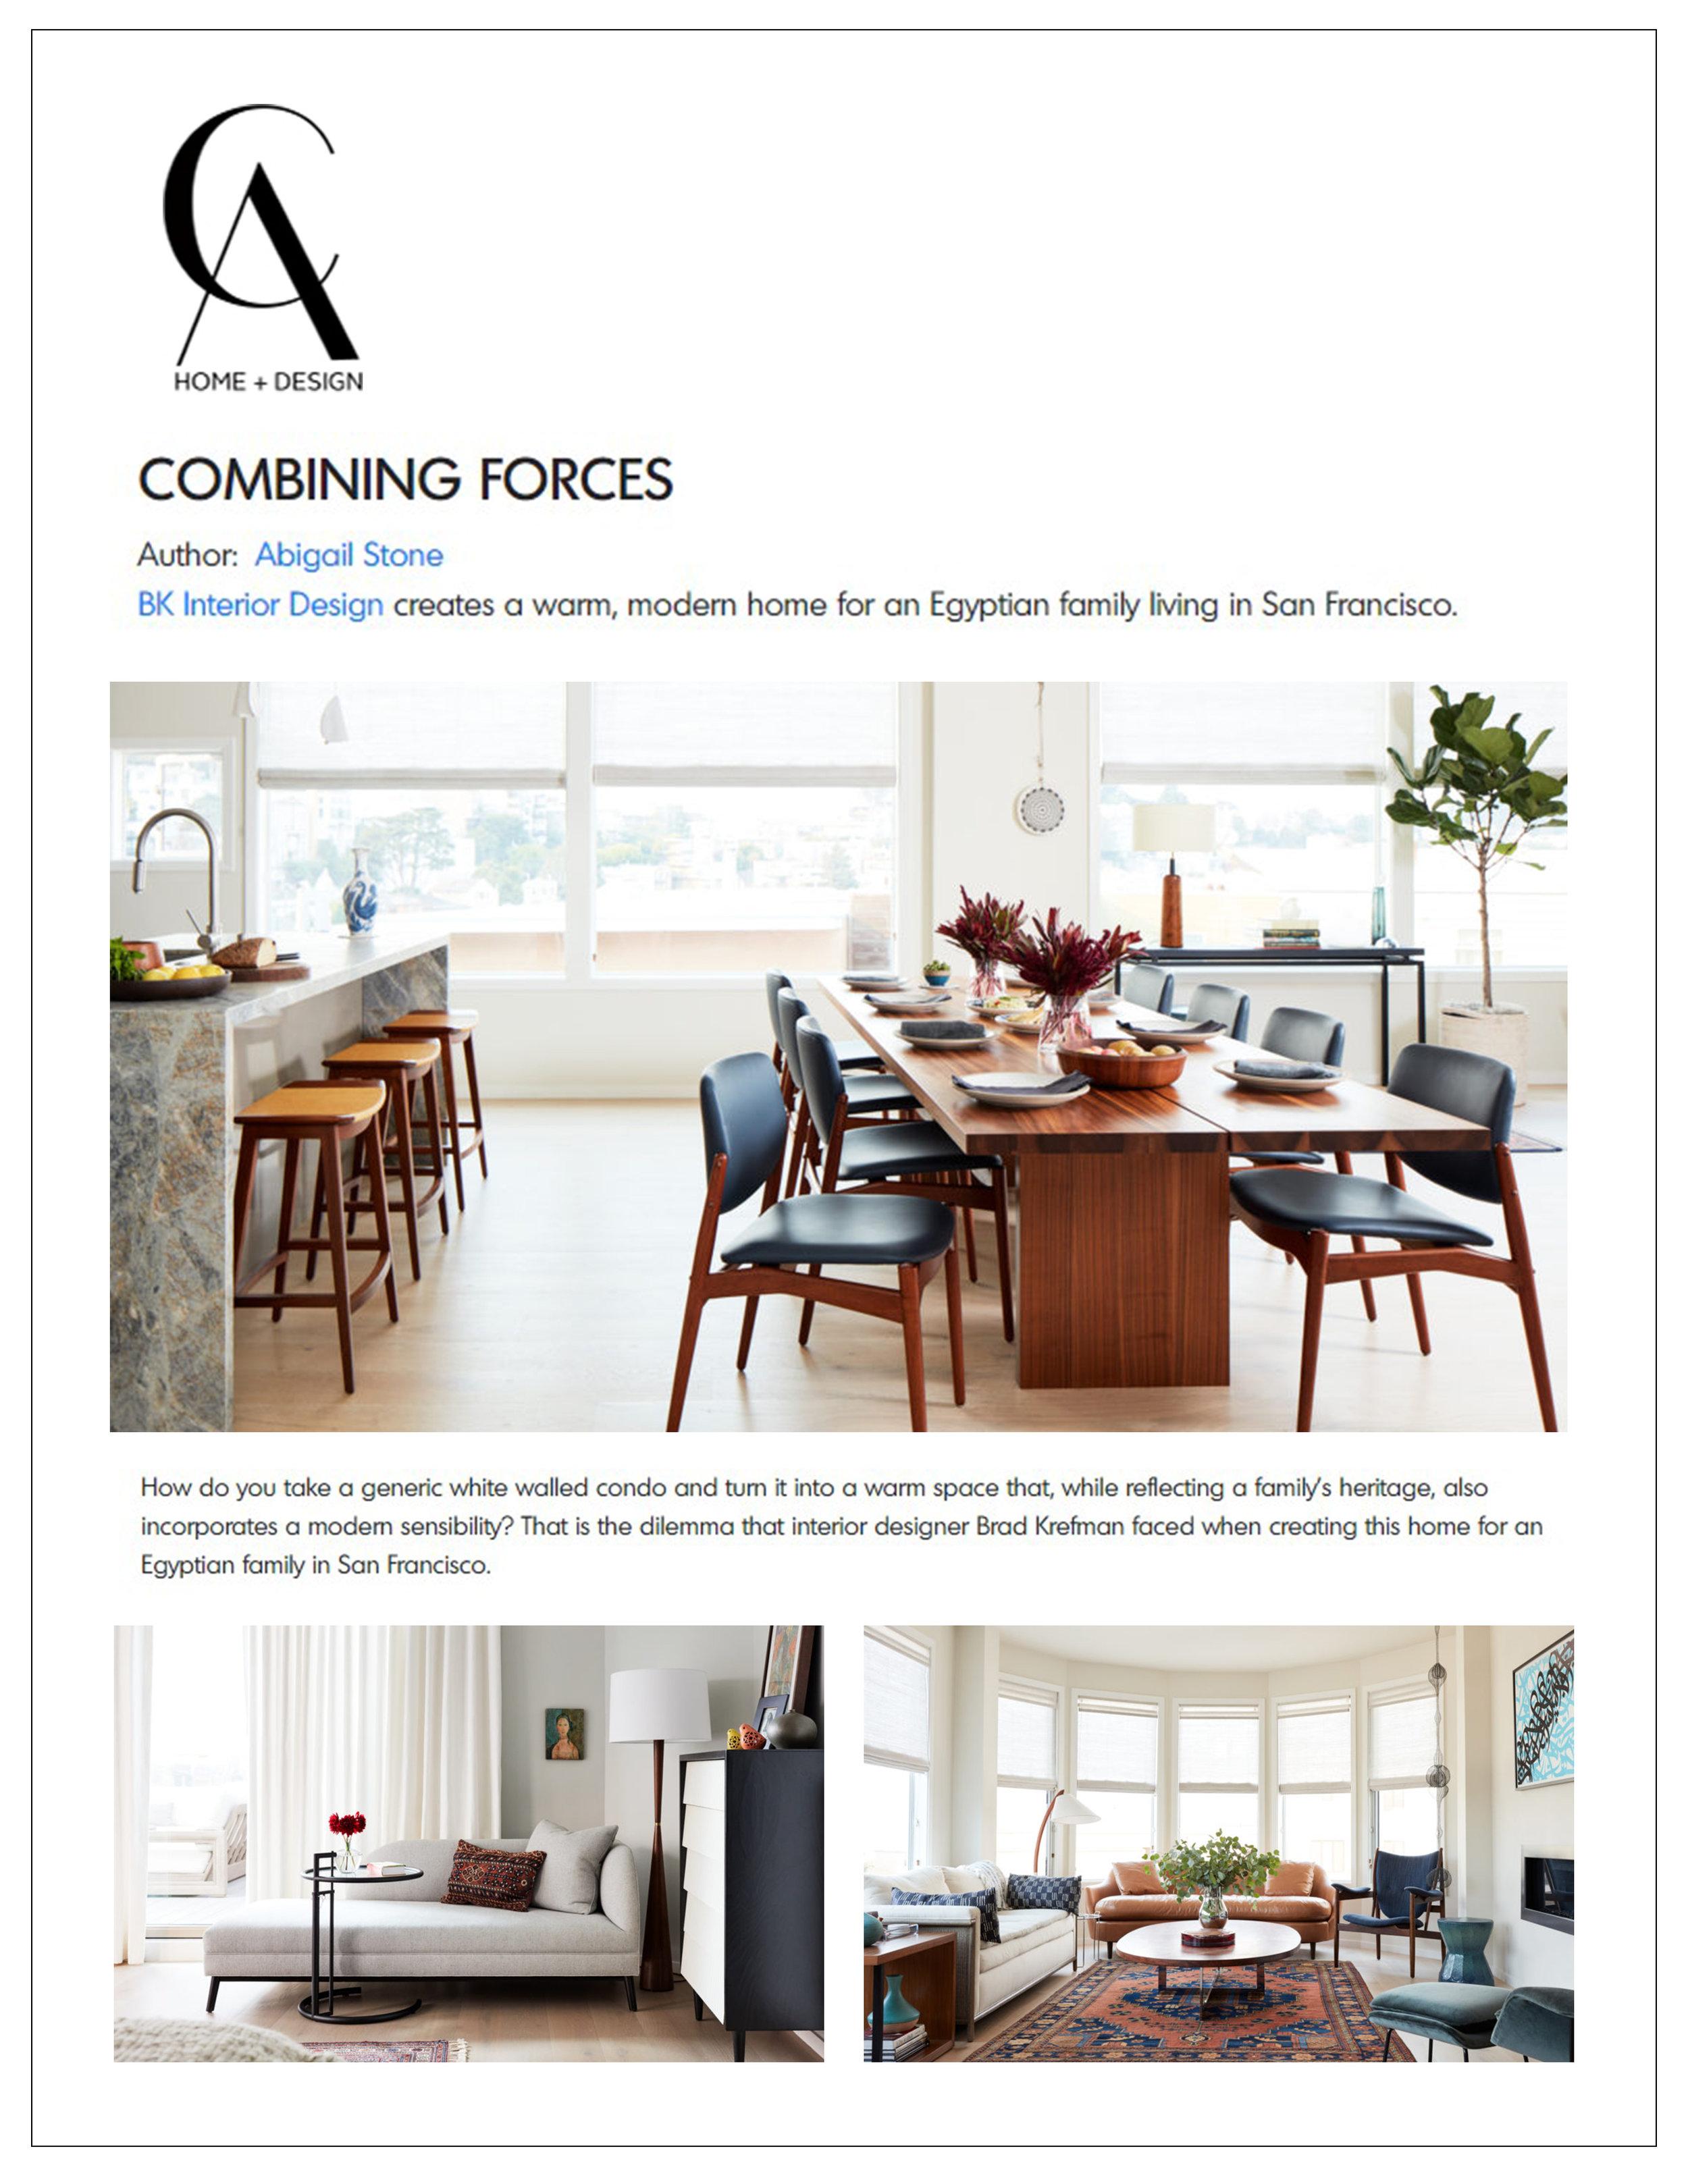 CA Home + Design